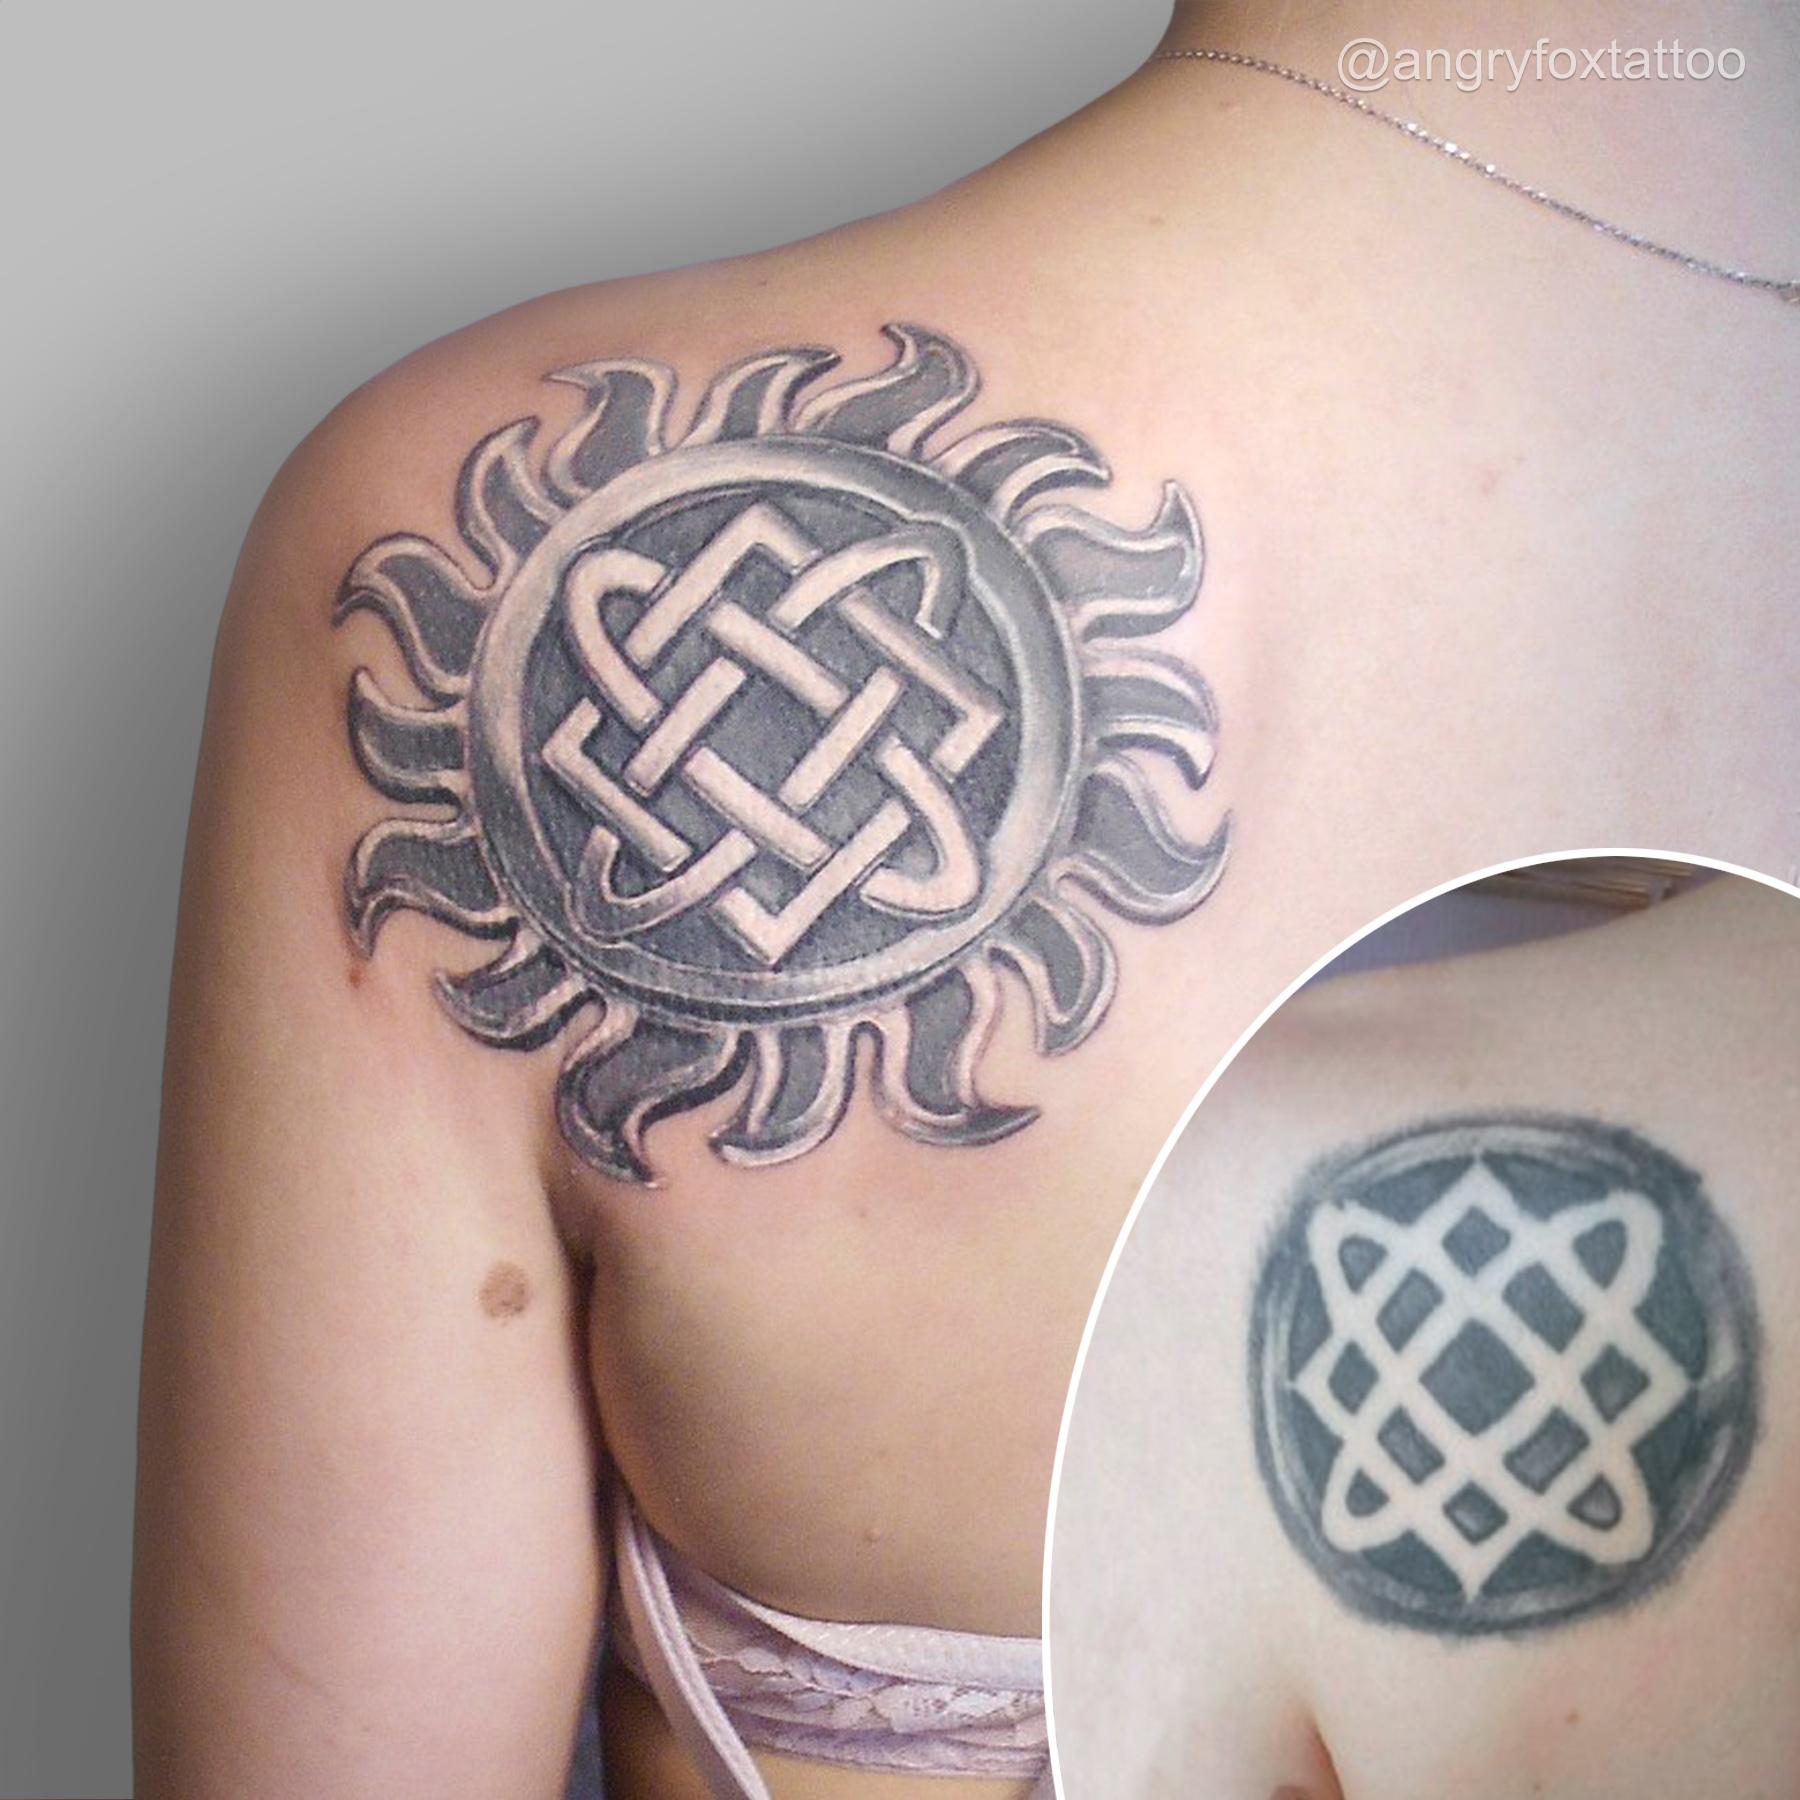 тату, татуировка, спина, плечо, лопатка, перекрытие, квадрат, два, овала, звезда, сварога, языческий, небесного, кузнеца, бог, оберег, сакральная, реализм